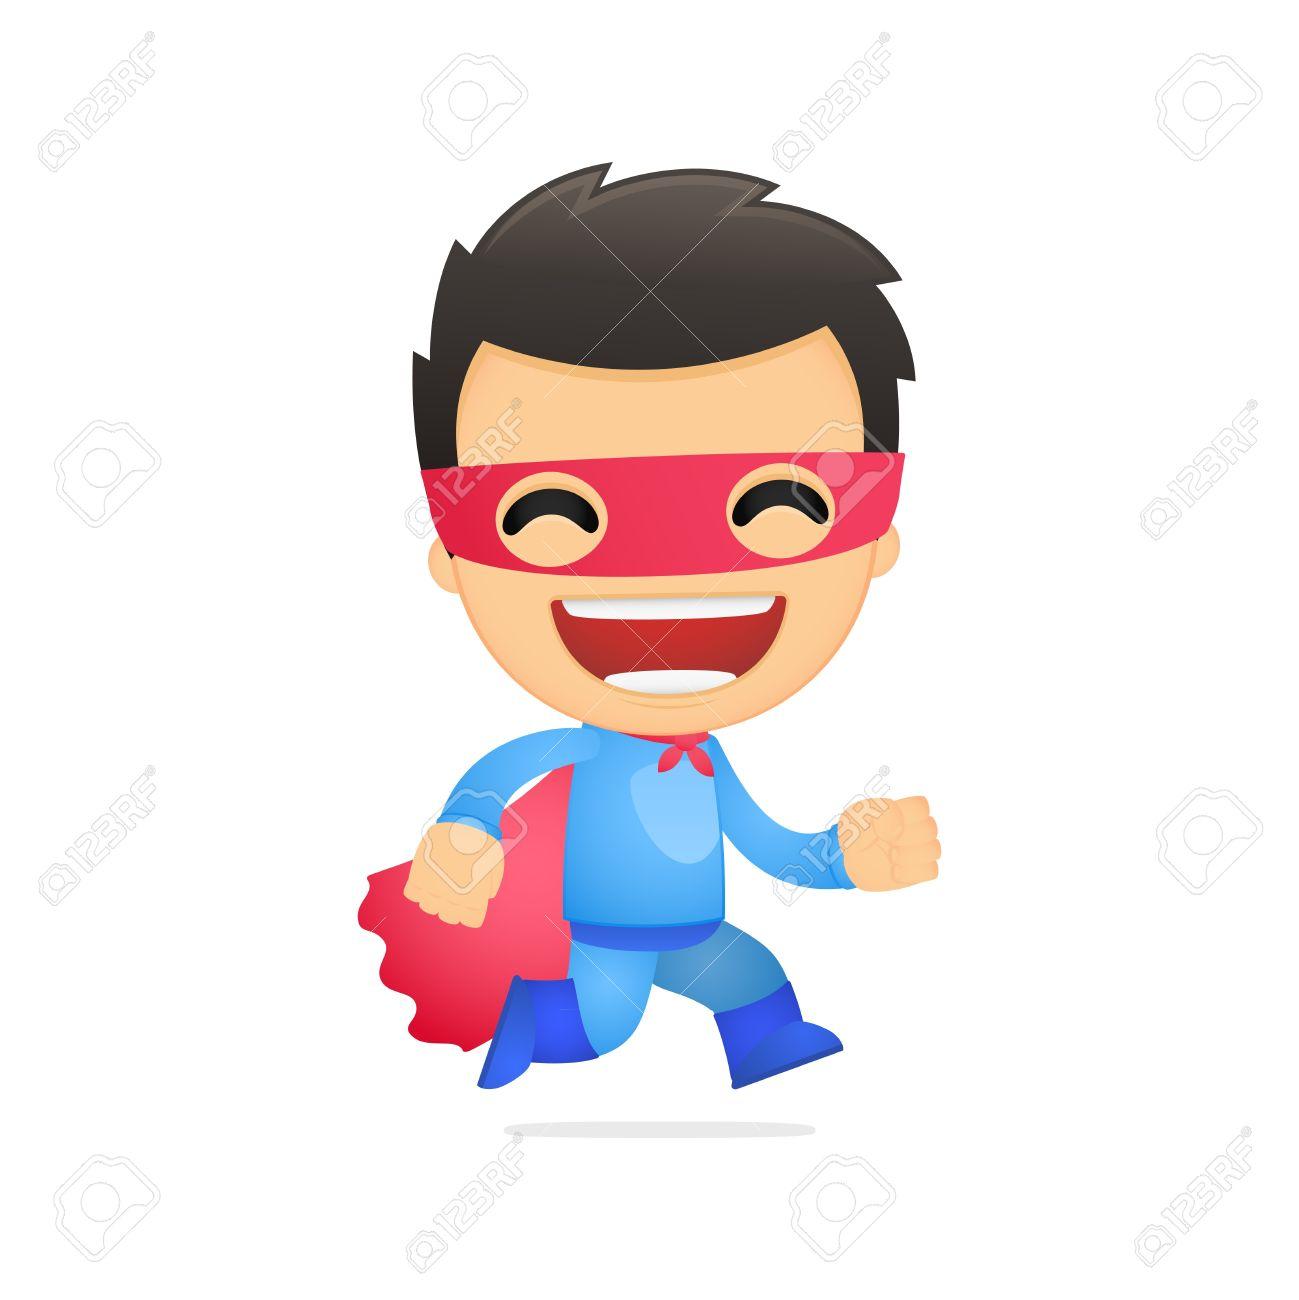 Funny Cartoon Superhero Royalty Free Cliparts, Vectors, And Stock ...